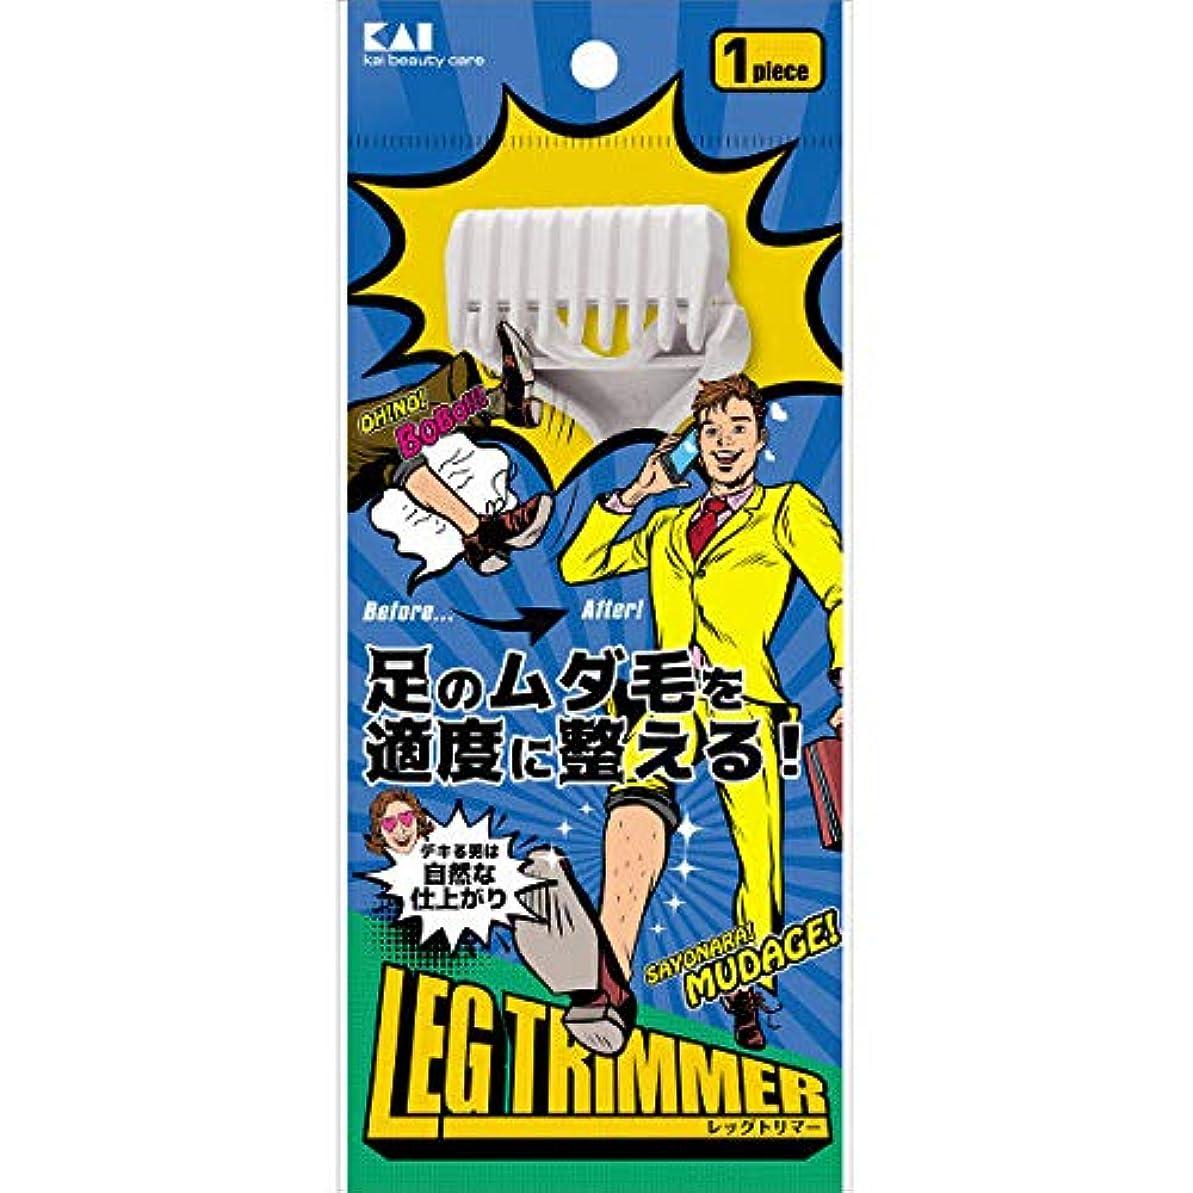 エスカレーター効率前件KQ1810 レッグトリマー 1本入 男性用